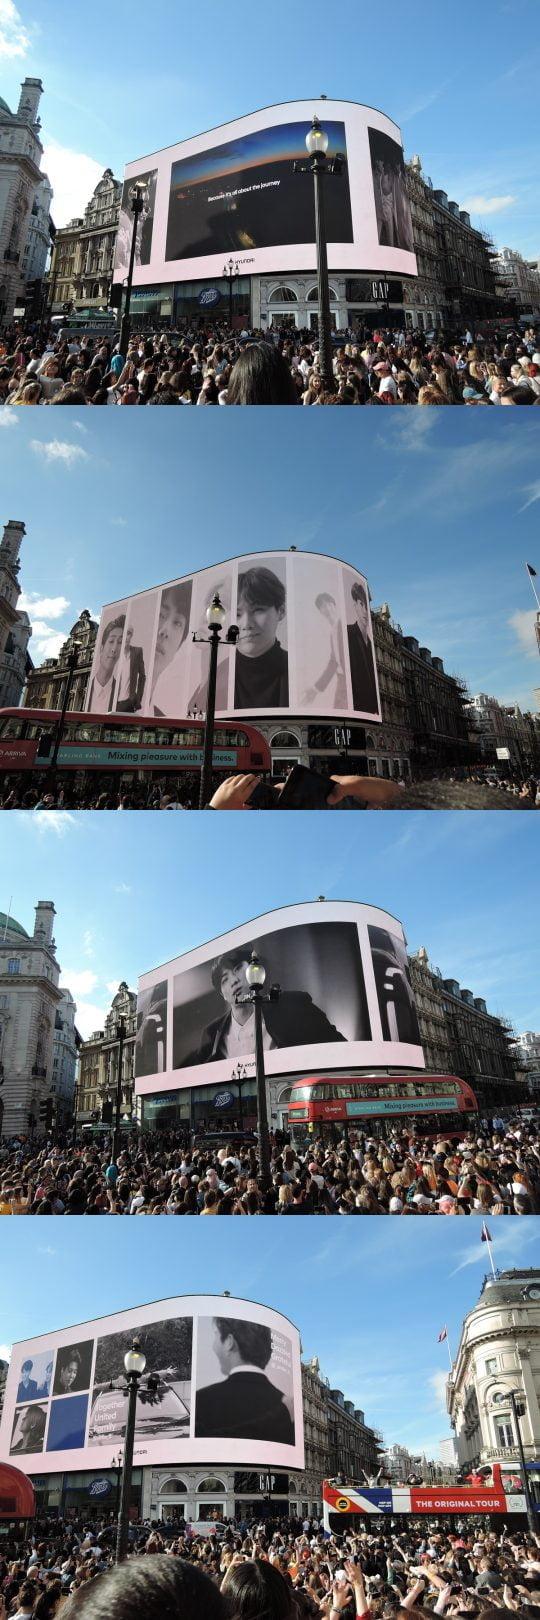 런던 피카딜리 광장의 대형 전광판에 그룹 방탄소년단의 영상이 나오고 있다. 현대자동차가 마련한  BTS 응원 캠페인. 전 세계에서 모인 아미(ARMY)들이 영상을 보고 있다. / 런던=김하진 기자